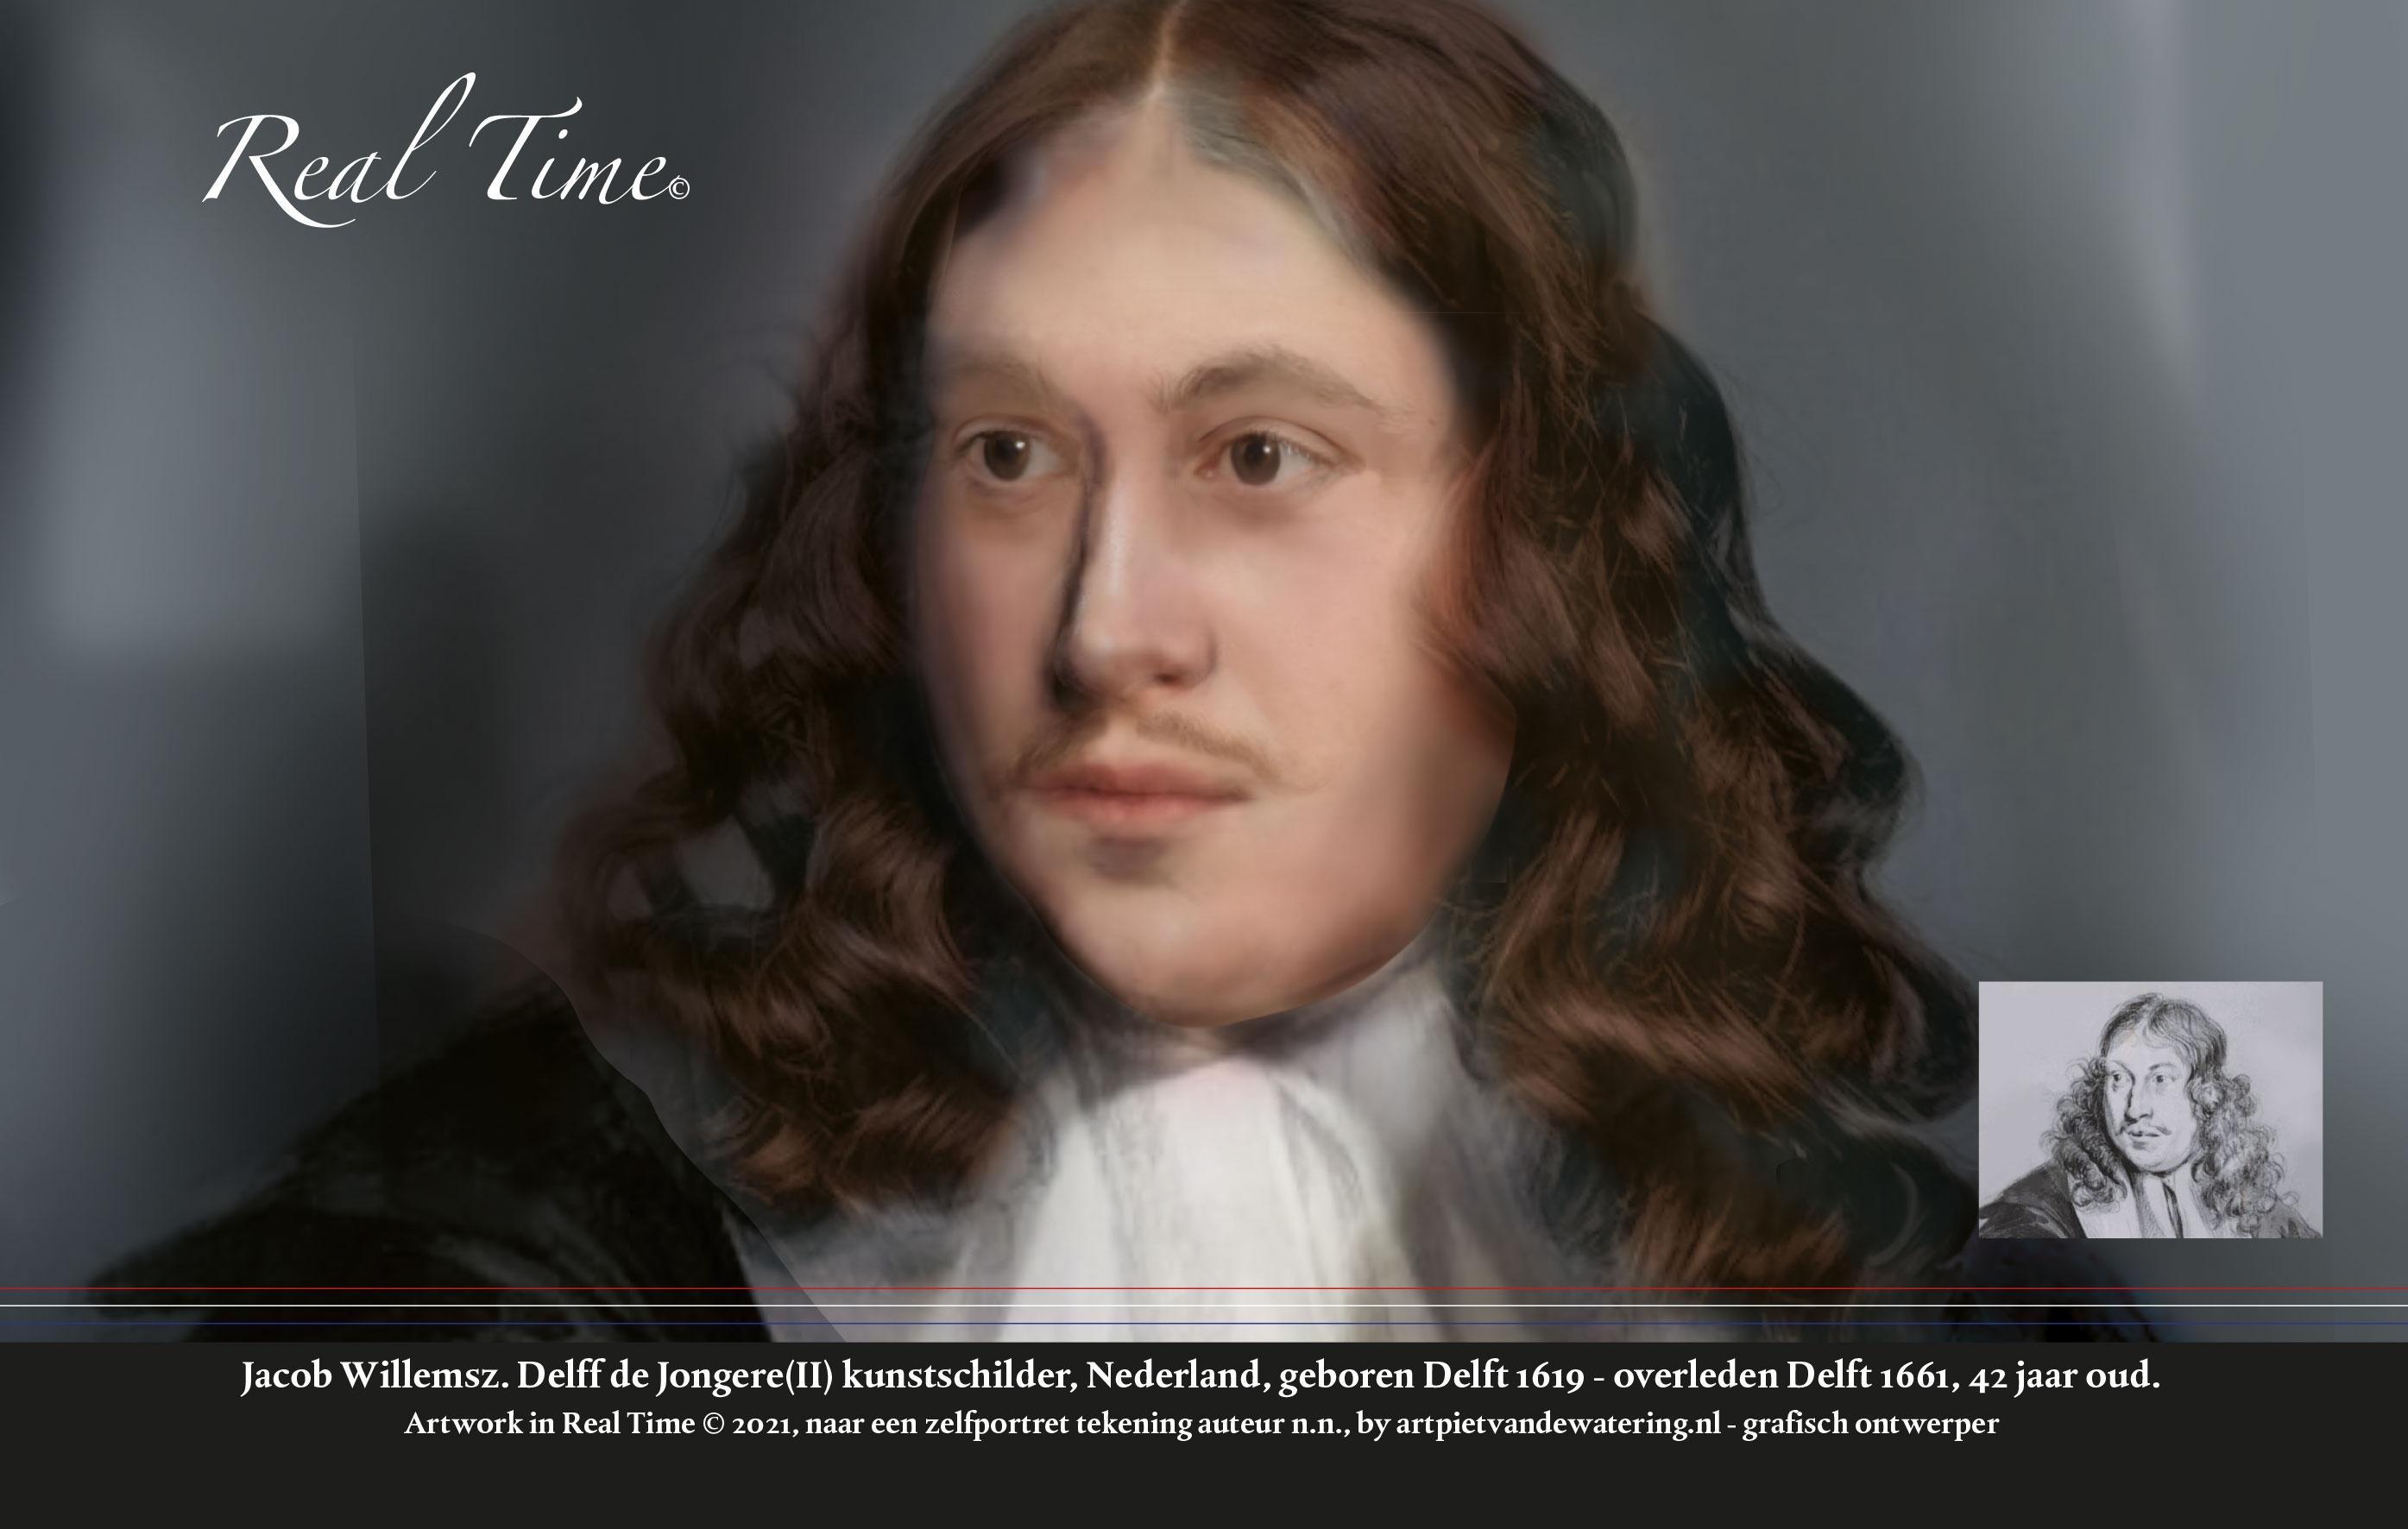 Jacob-Willemsz-Delff-2-1619-1661